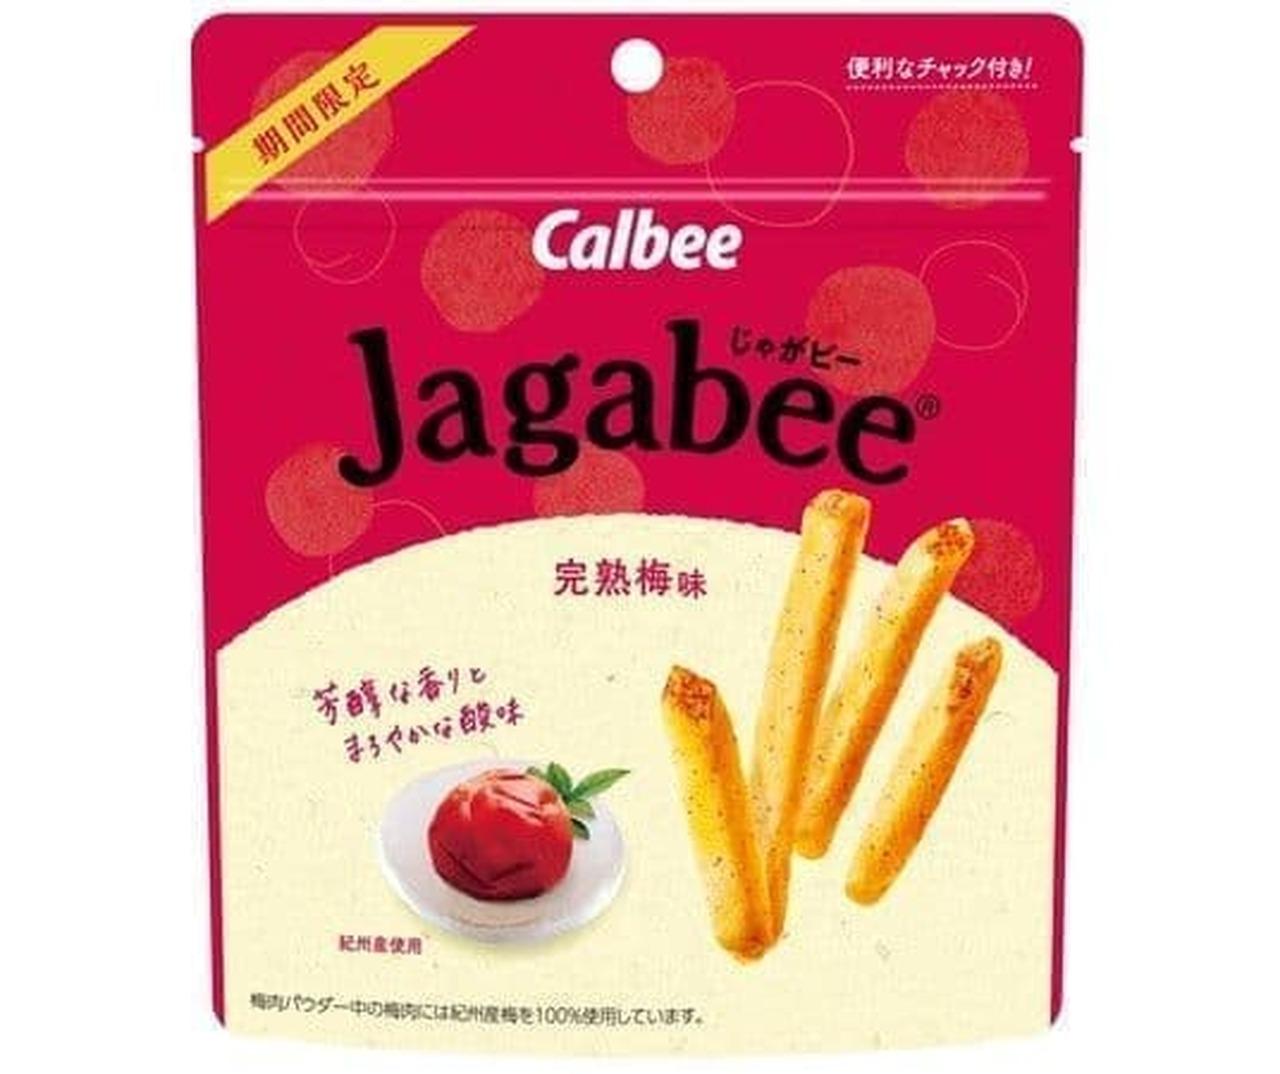 カルビー「Jagabee 完熟梅味」